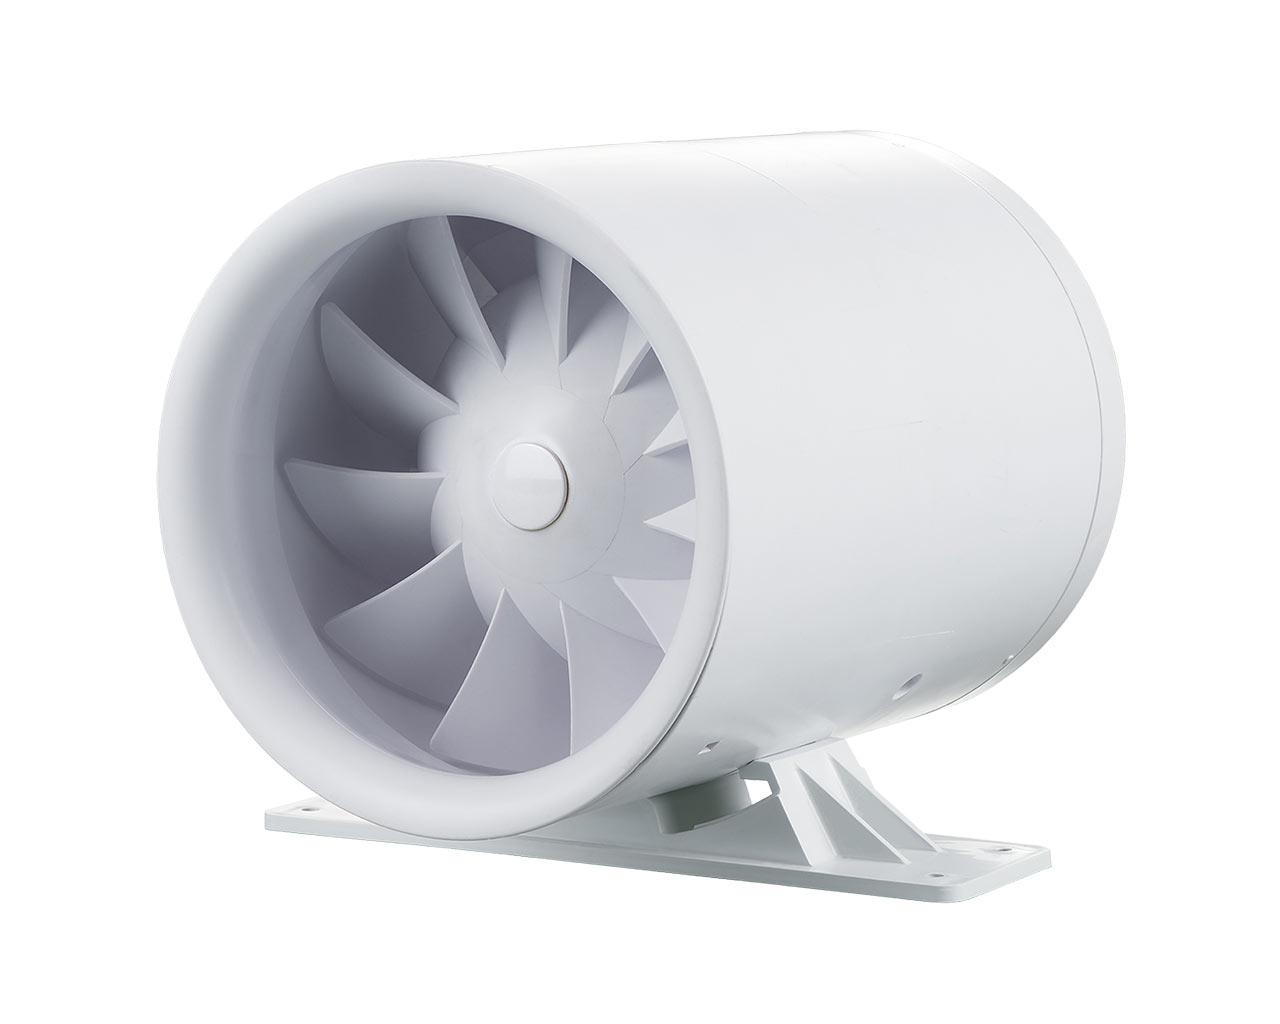 SIKU 100 Turbine-k 12 Volt AC